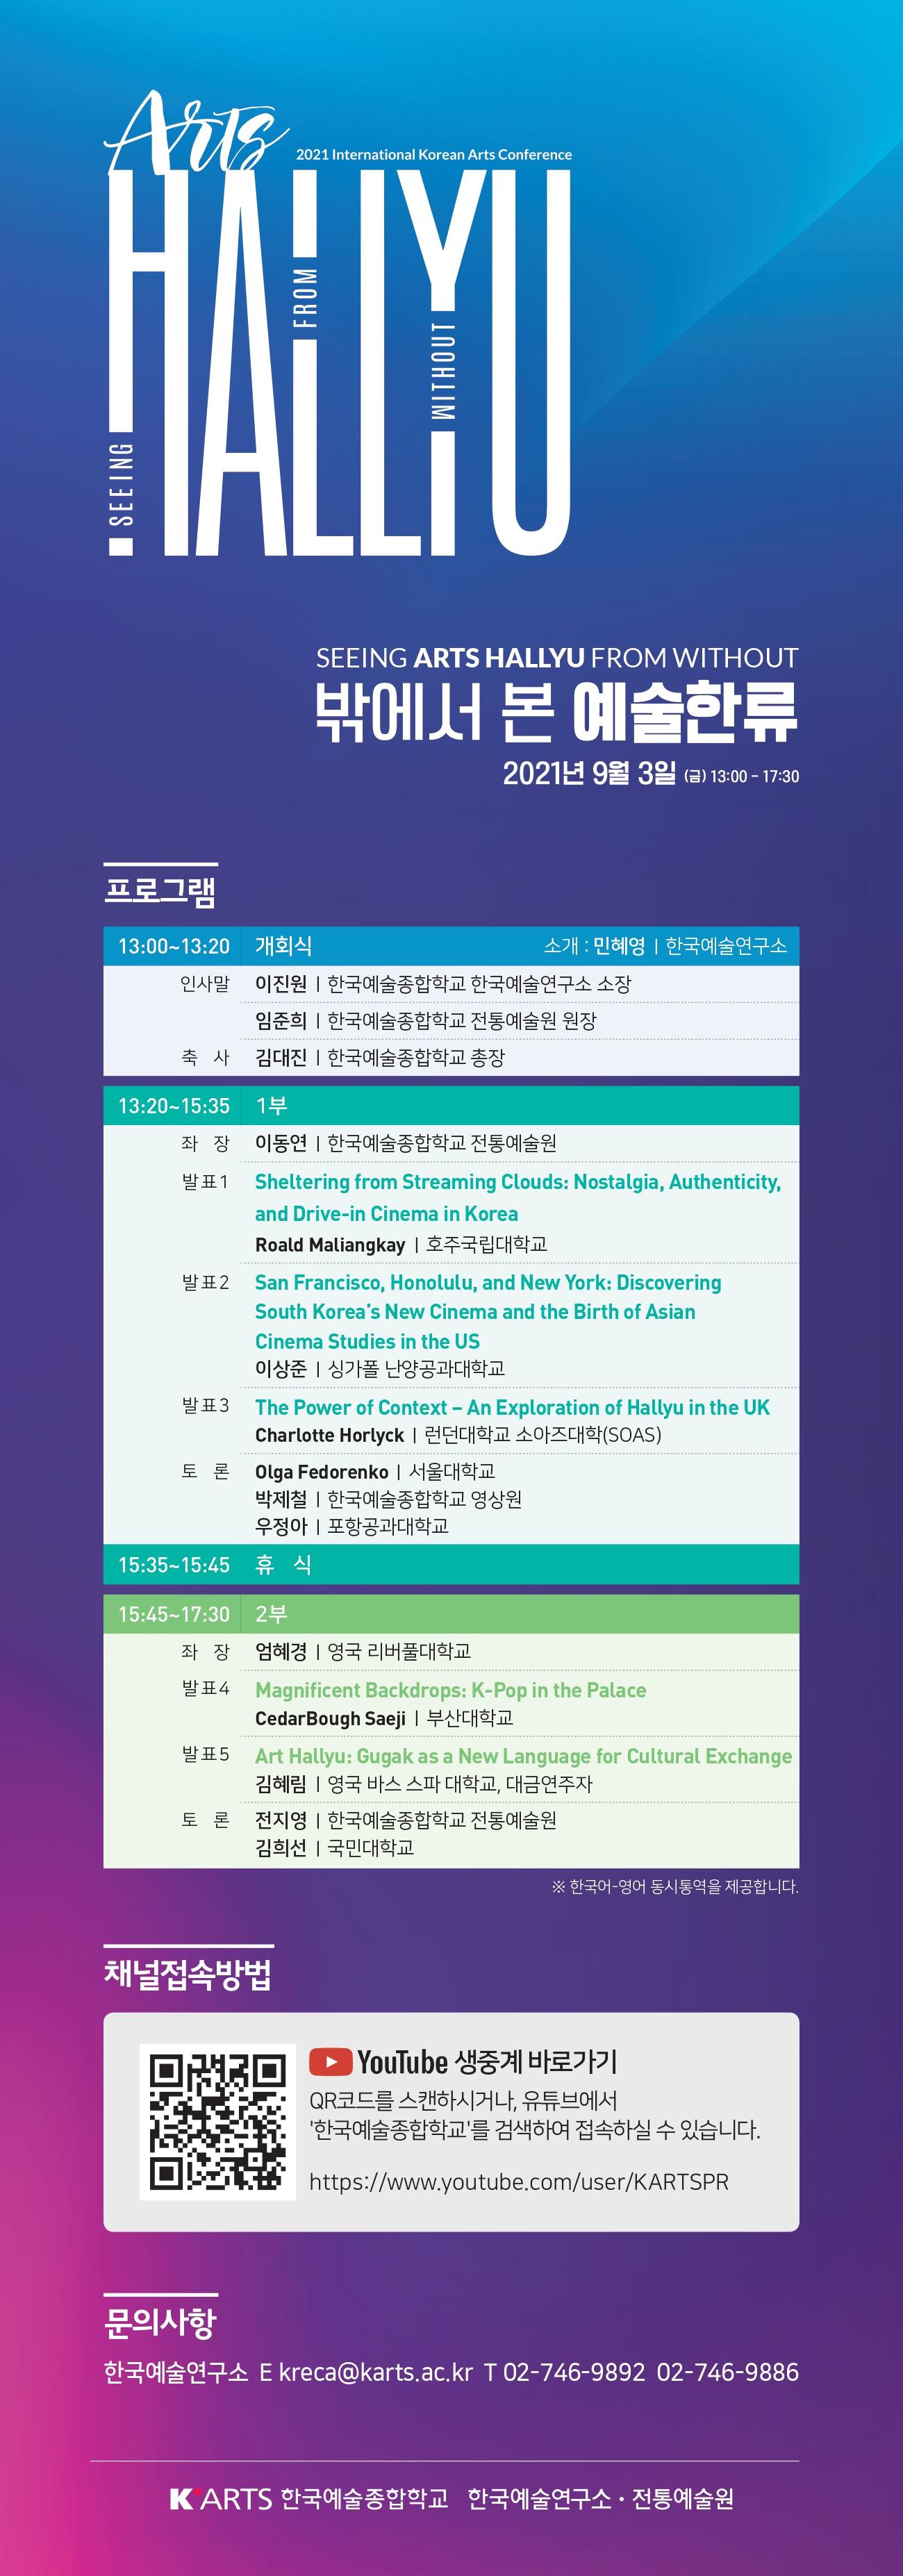 한국예술연구소, 전통예술원 공동주최 2021 국제학술대회 [밖에서 본 '예술 한류 - Seeing 'Arts Hallyu' from Without] 개최, 자세한 내용은 본문 및 첨부파일 참조